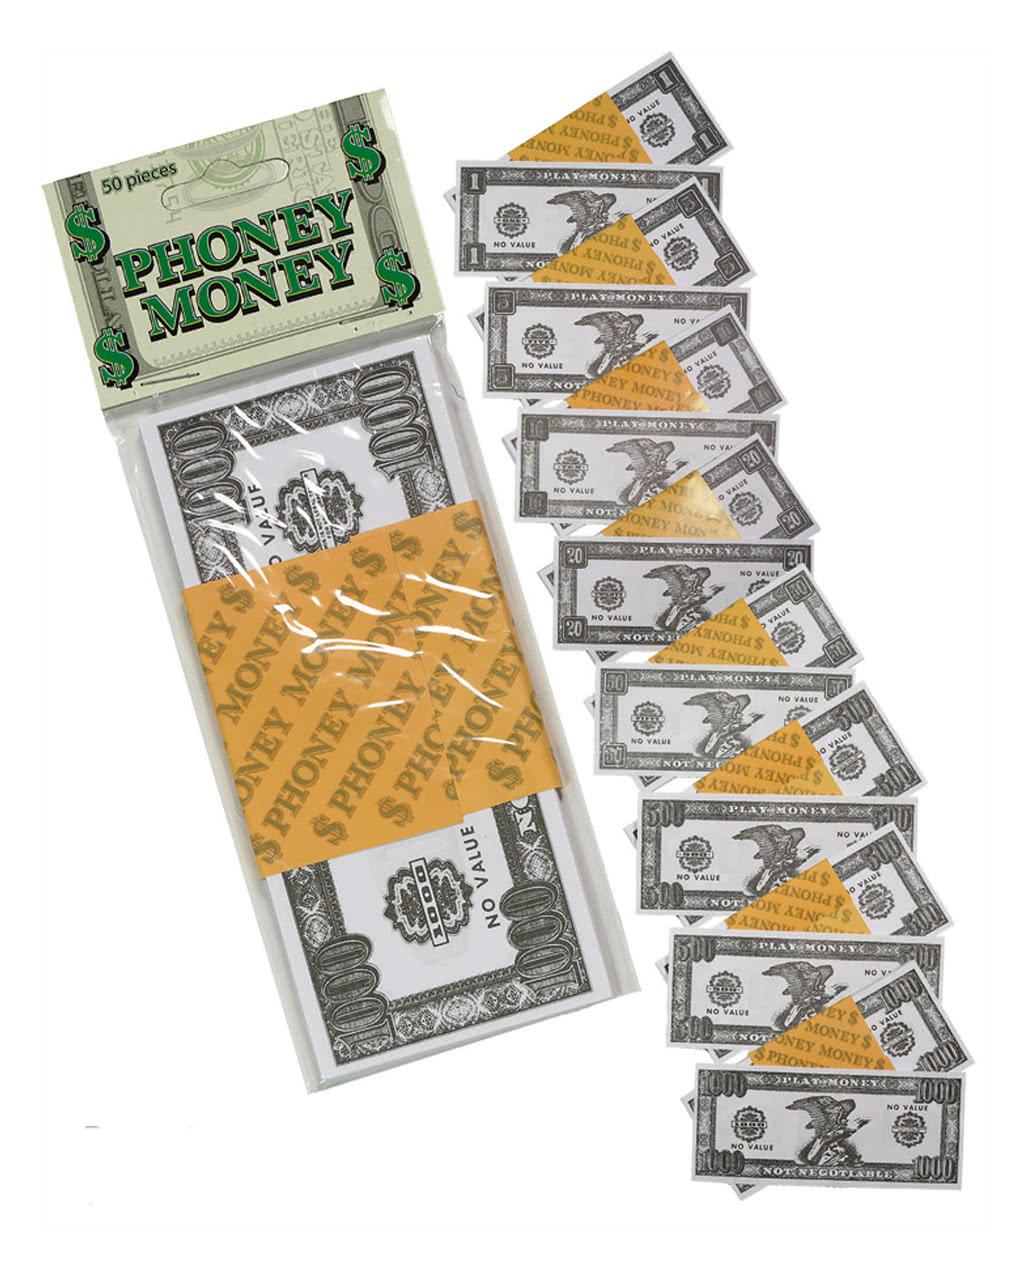 100 dollar scheine spielgeld 50 st casino mottoparty horror. Black Bedroom Furniture Sets. Home Design Ideas